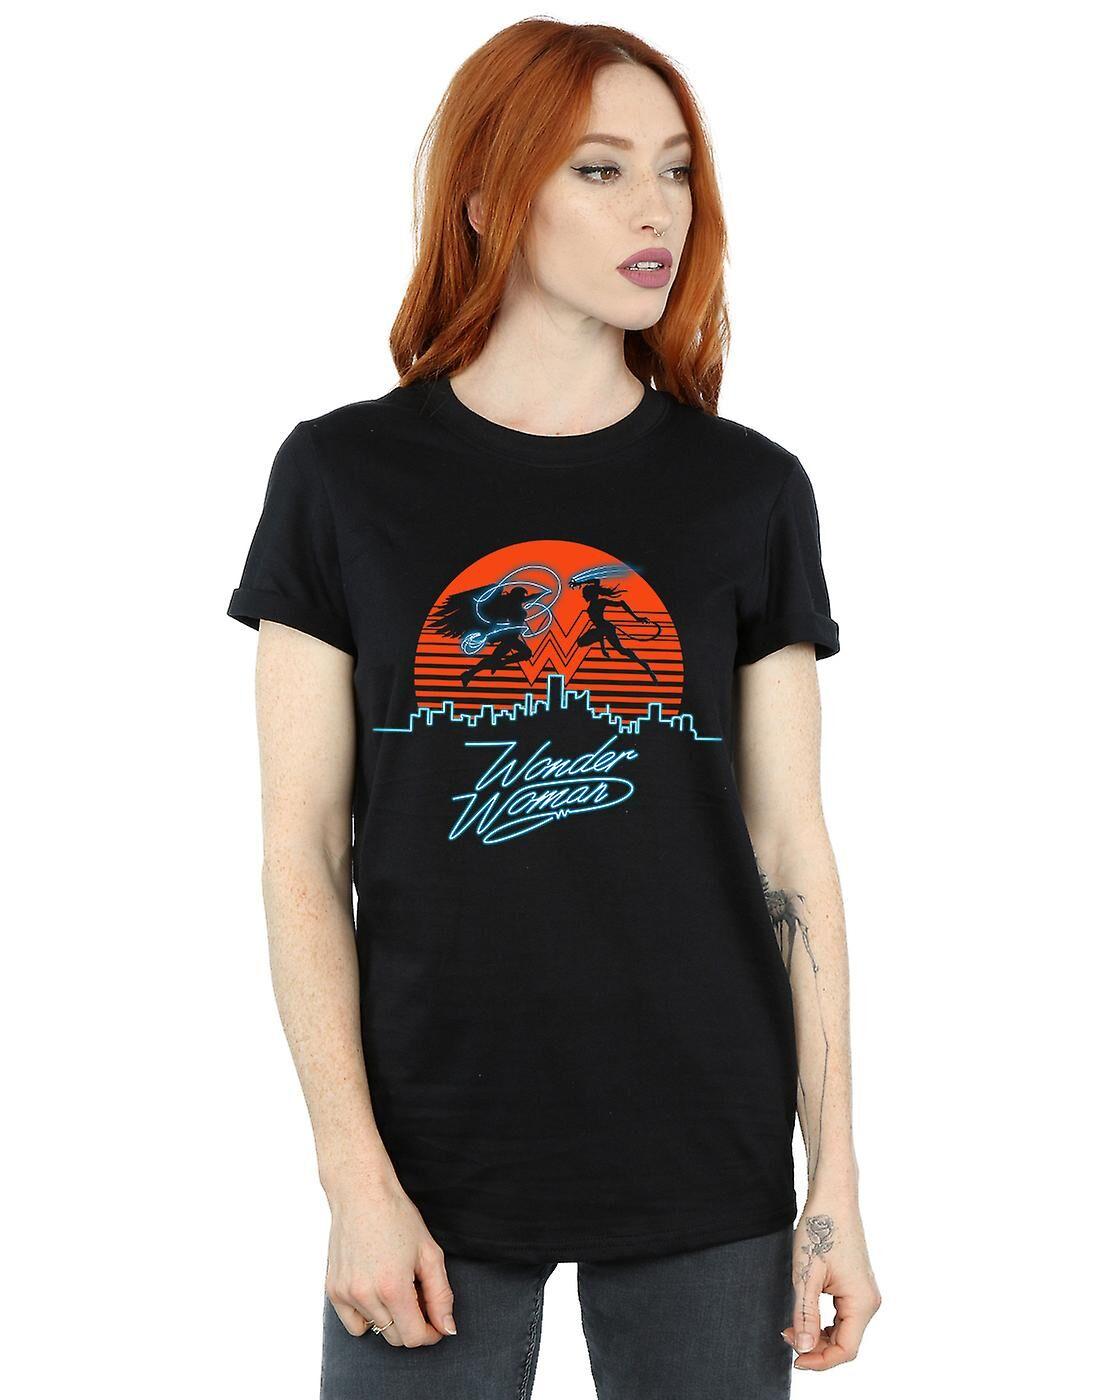 Absolute Cult DC Comics Femmes-apos;s Wonder Woman 84 Sunset Battle Boyfriend Fit T-Shirt Noir Large